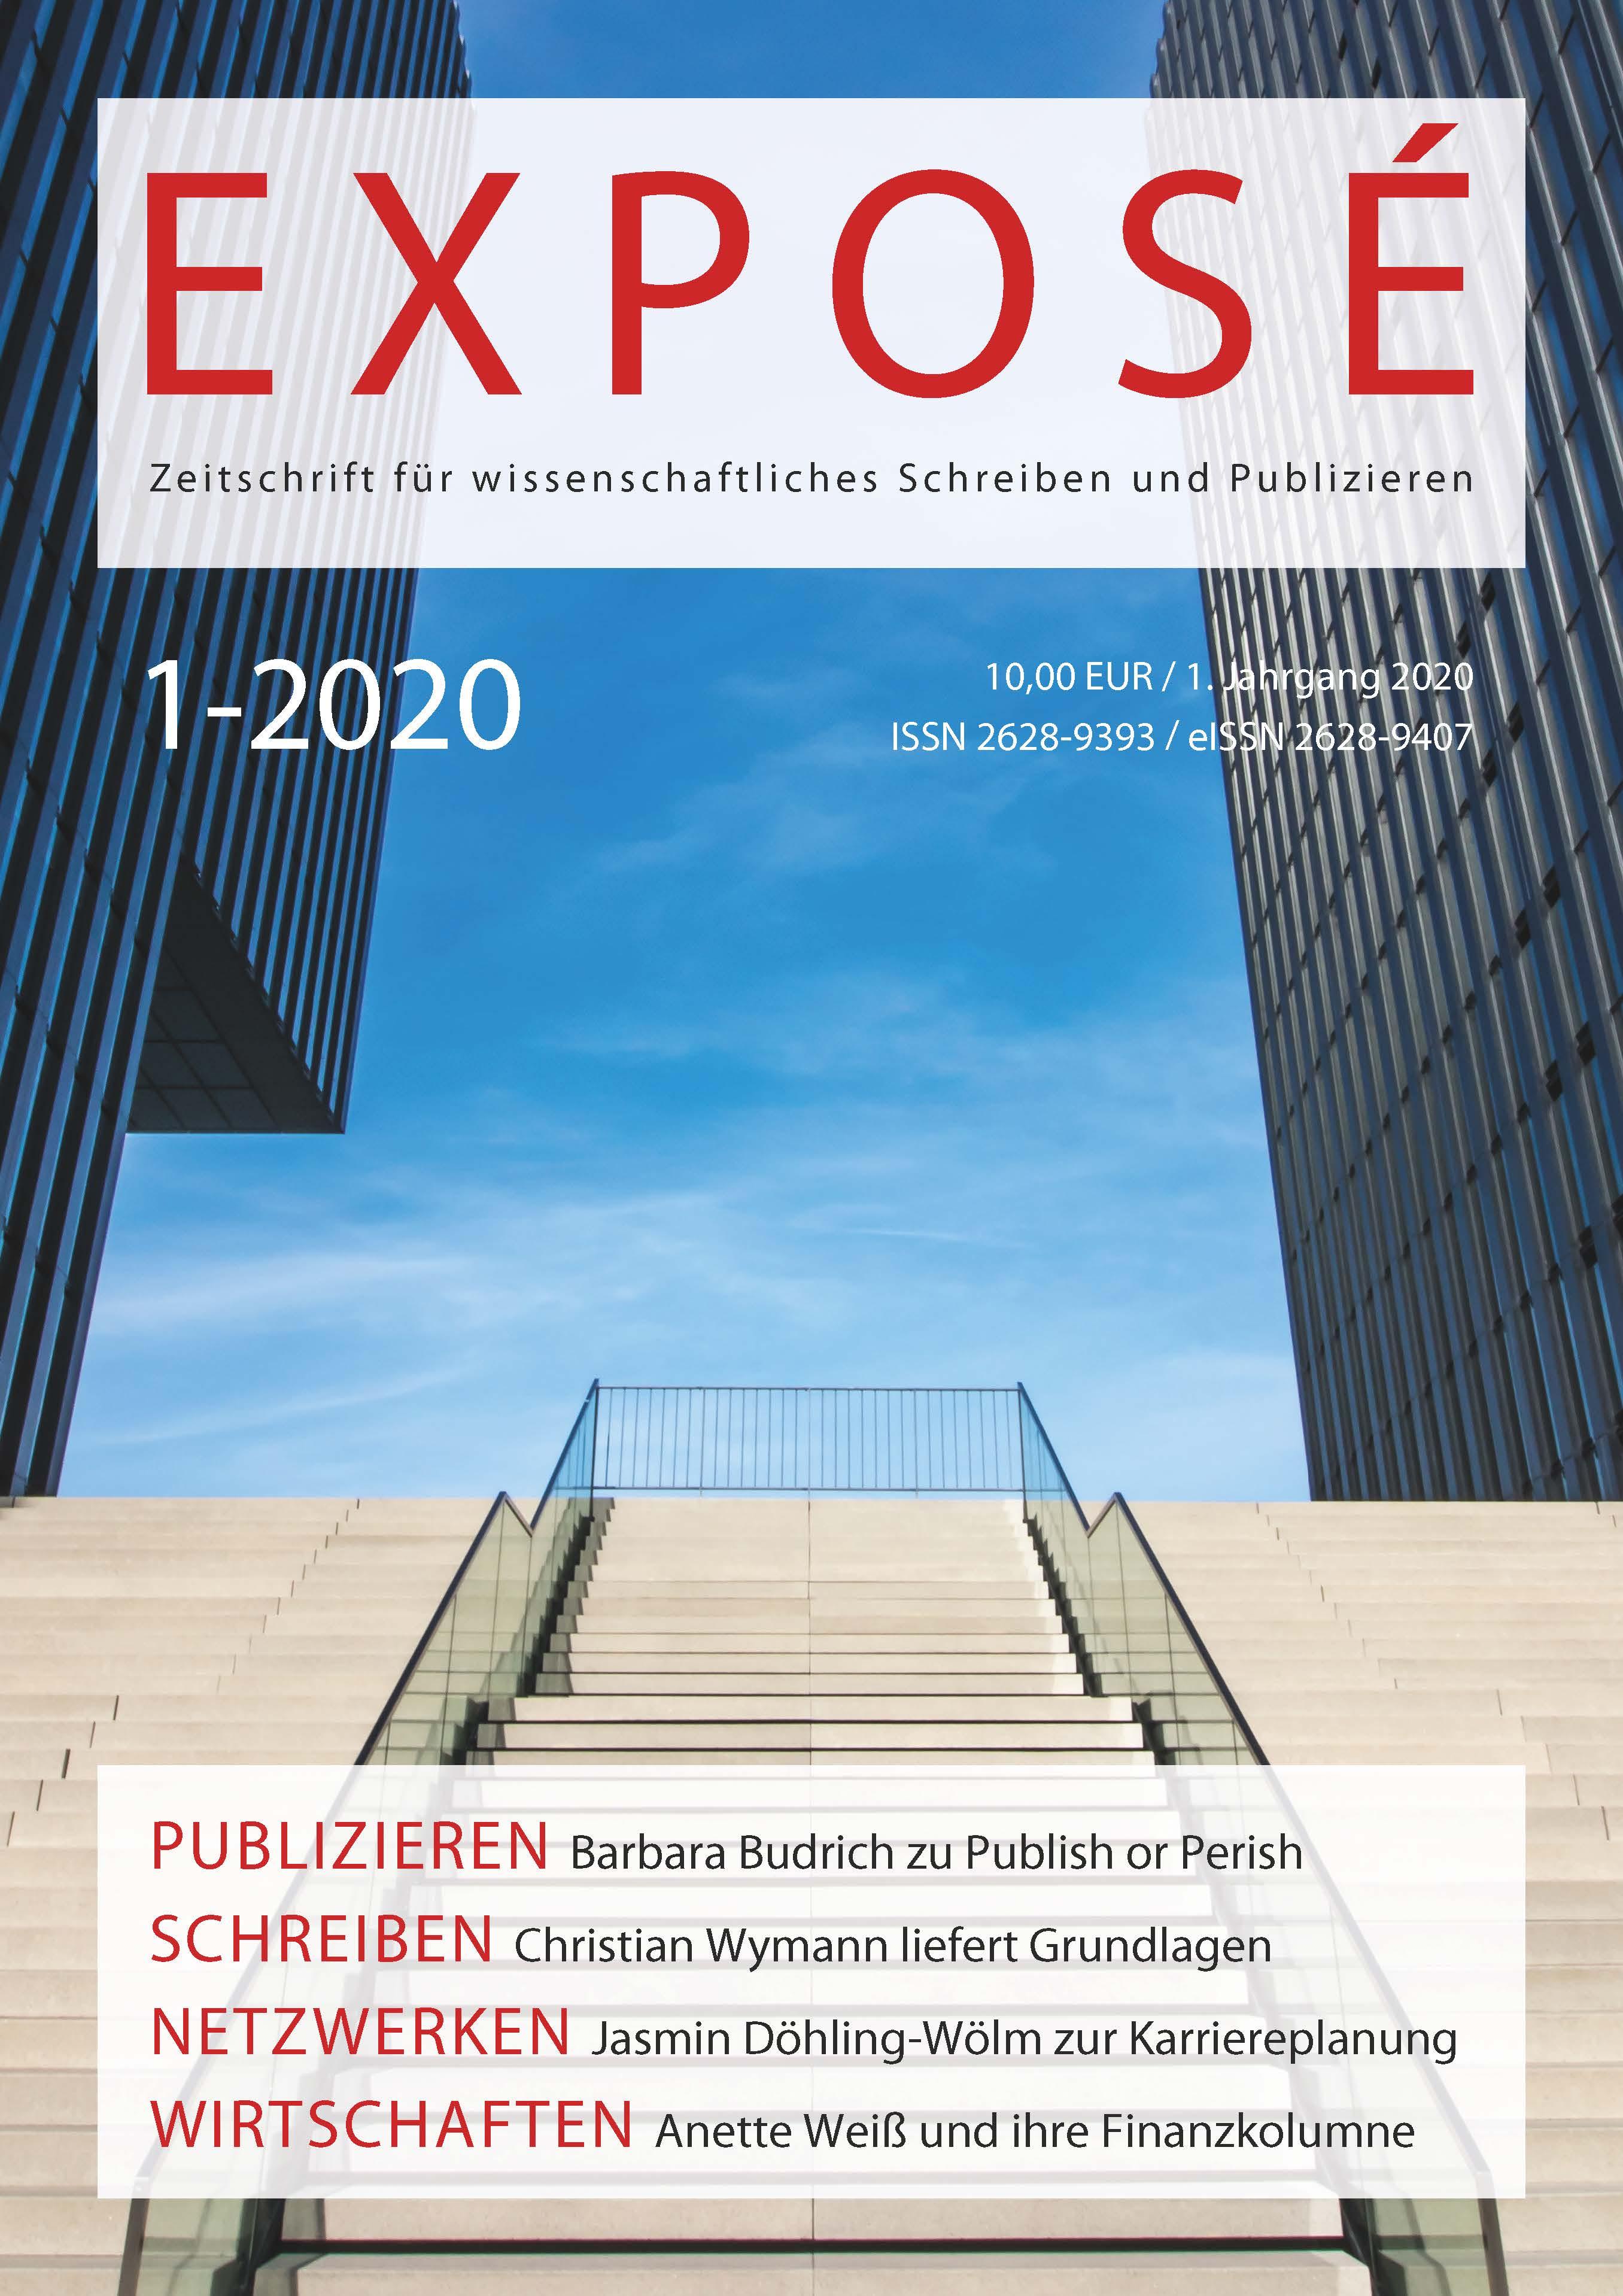 Exposé – Zeitschrift für wissenschaftliches Schreiben und Publizieren 1-2020